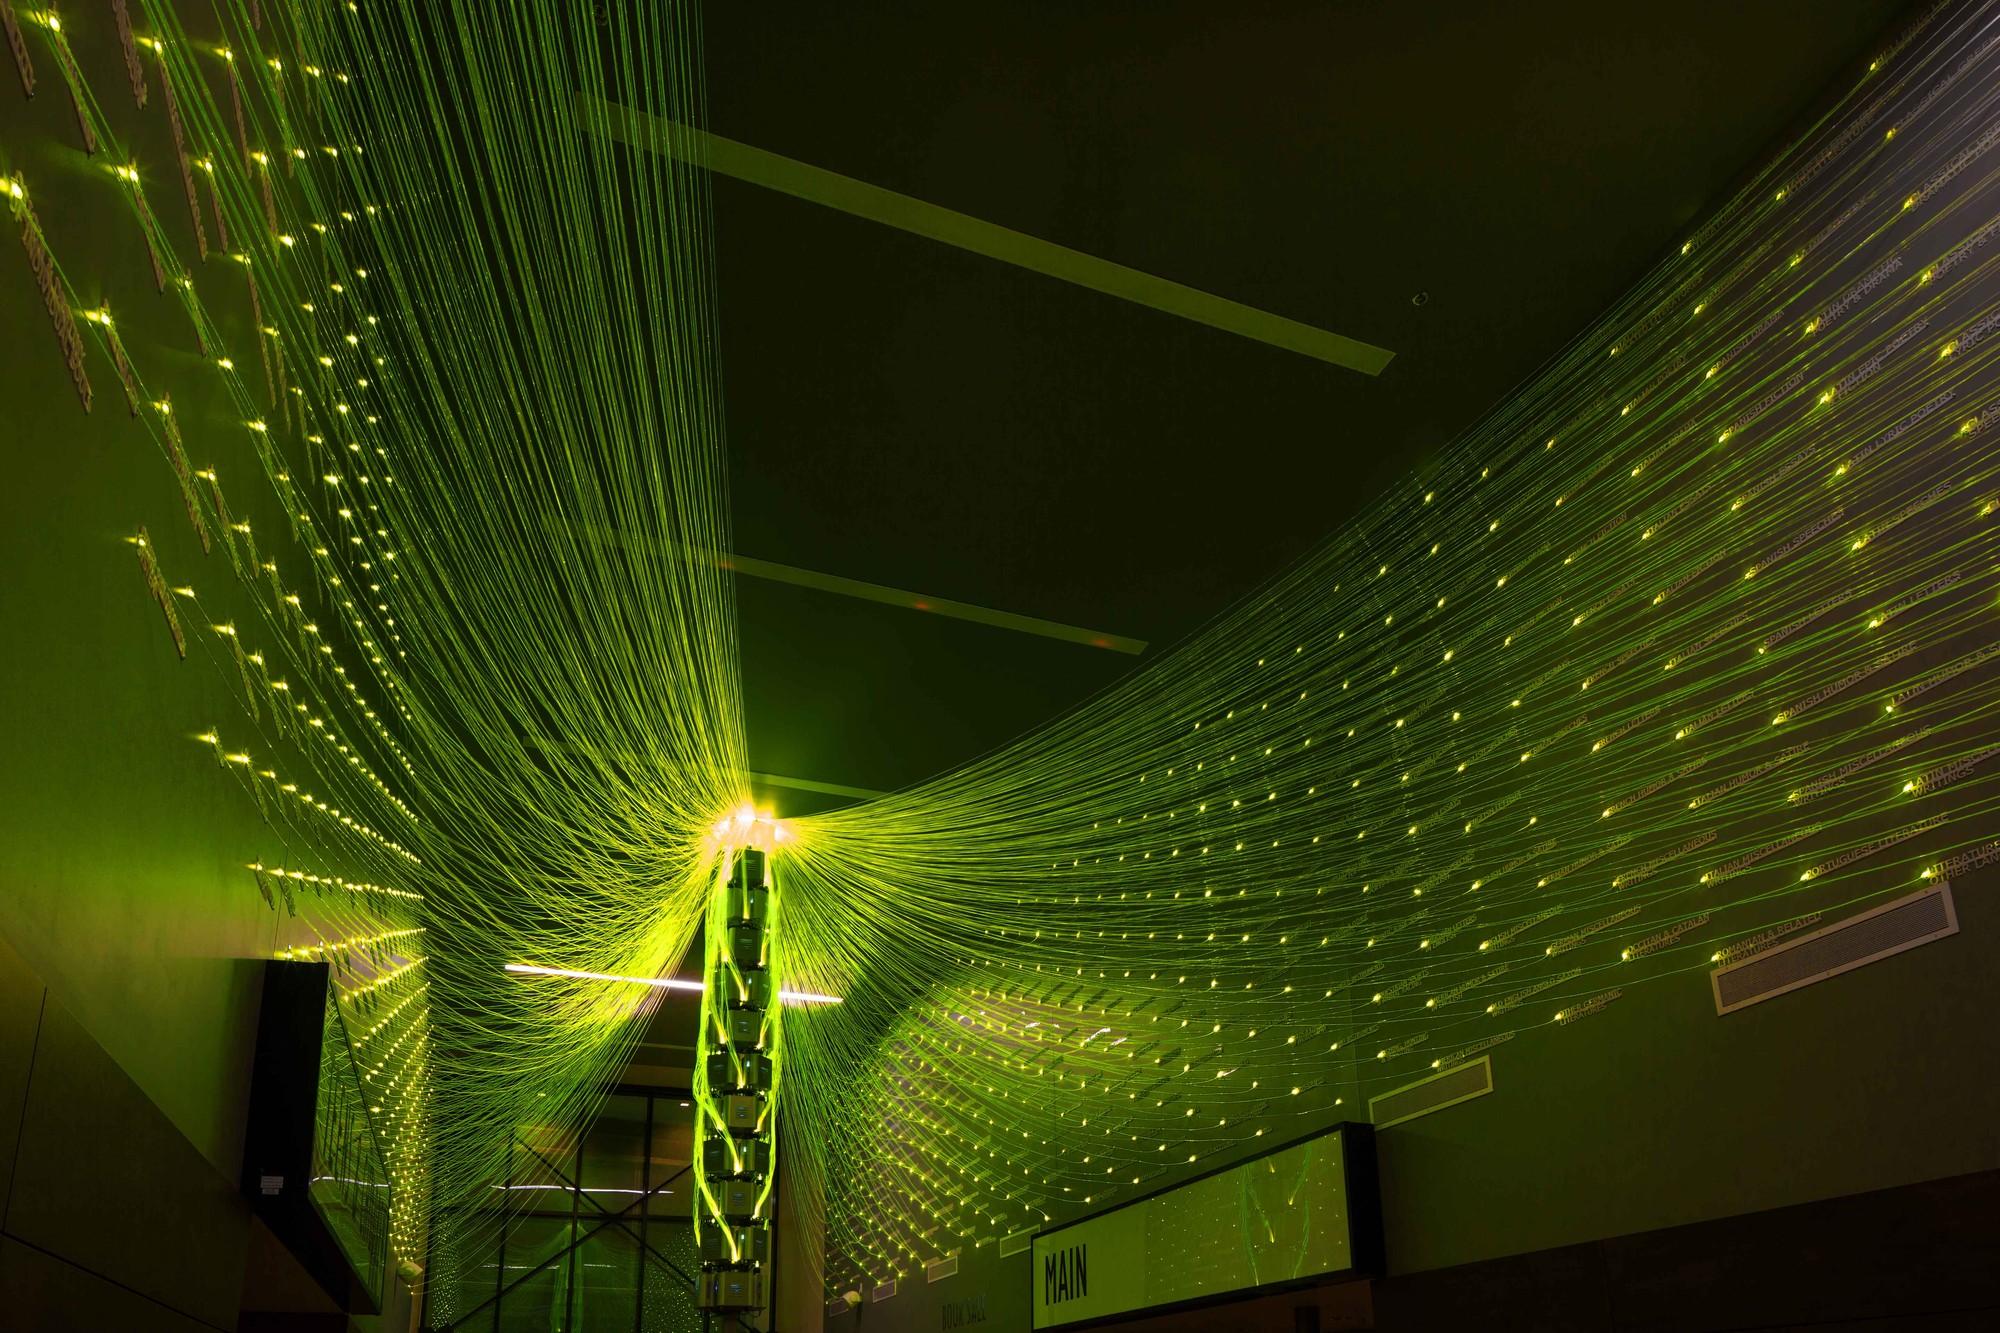 Proyecto de Iluminación: Mente de Filamento por E/B Office, © David Agnello Photography